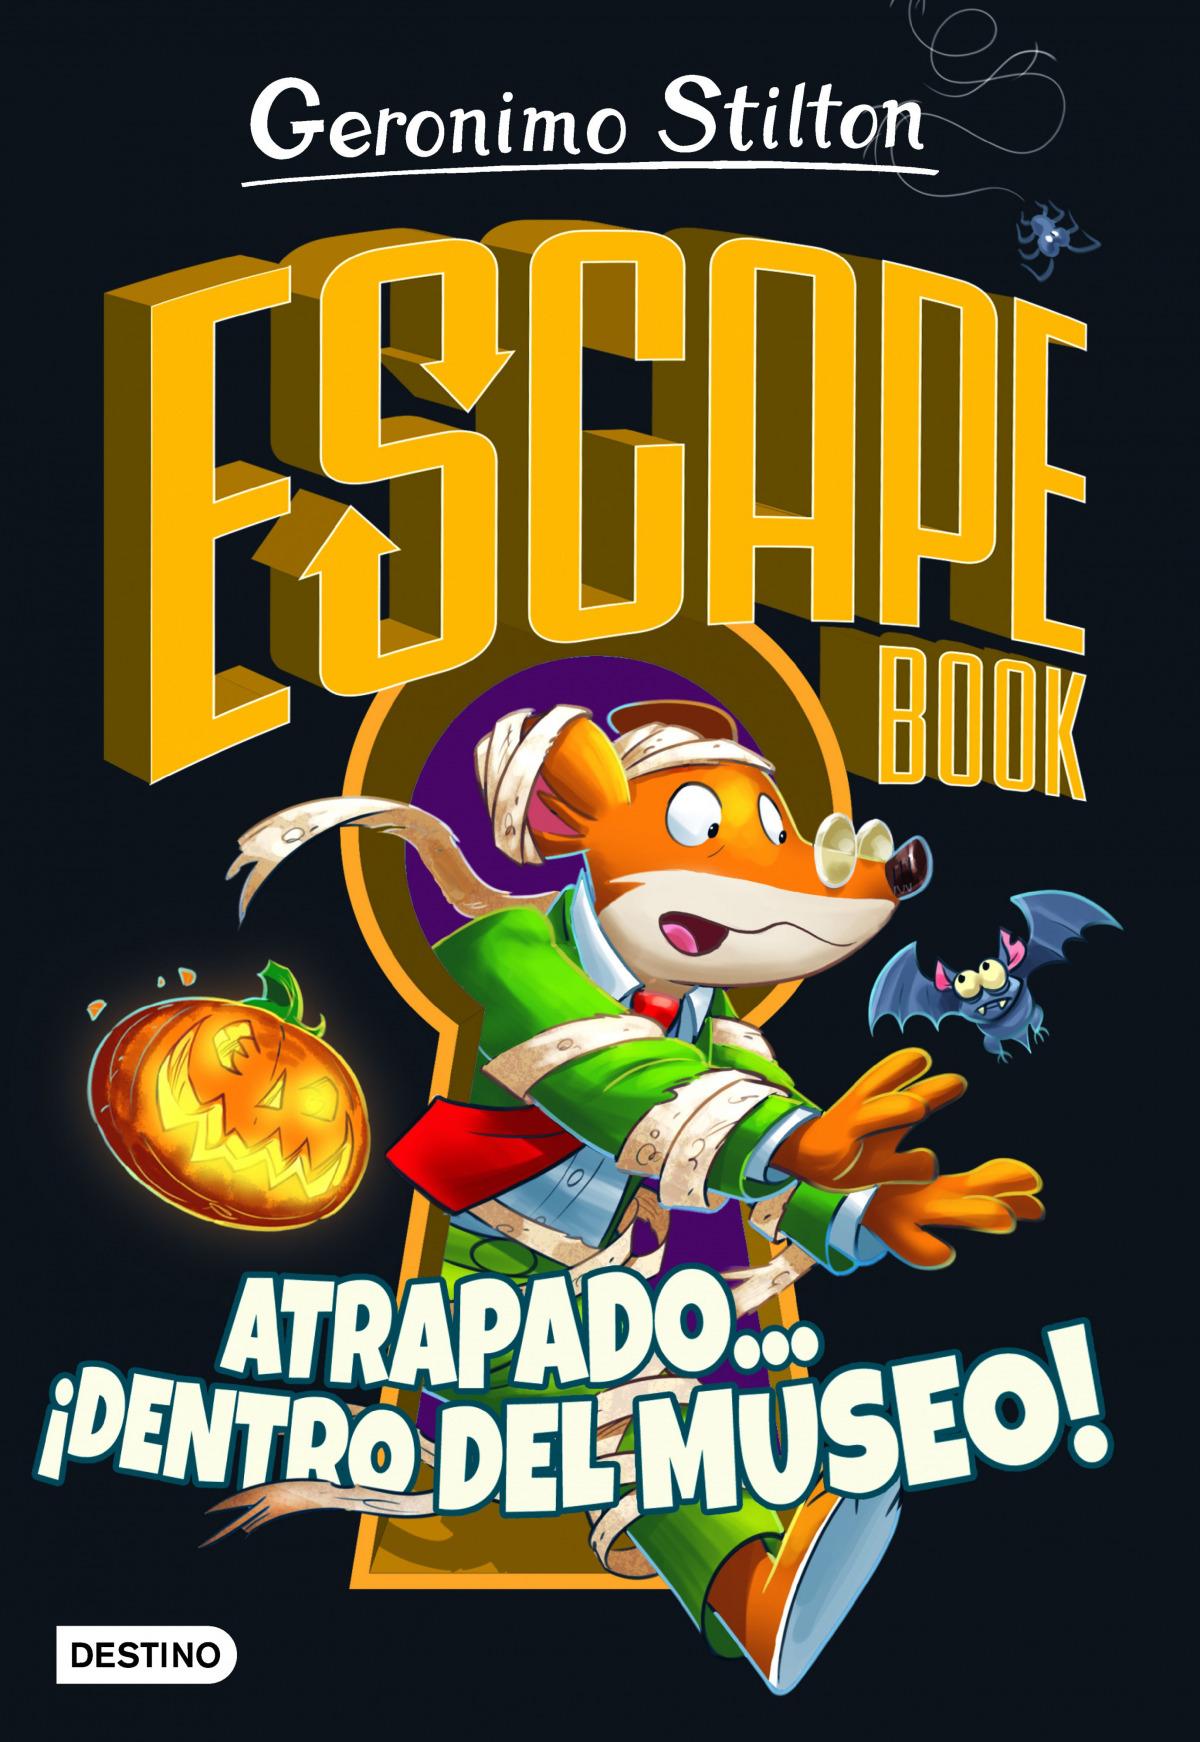 GS Escape book. Atrapado... ¡dentro del museo!